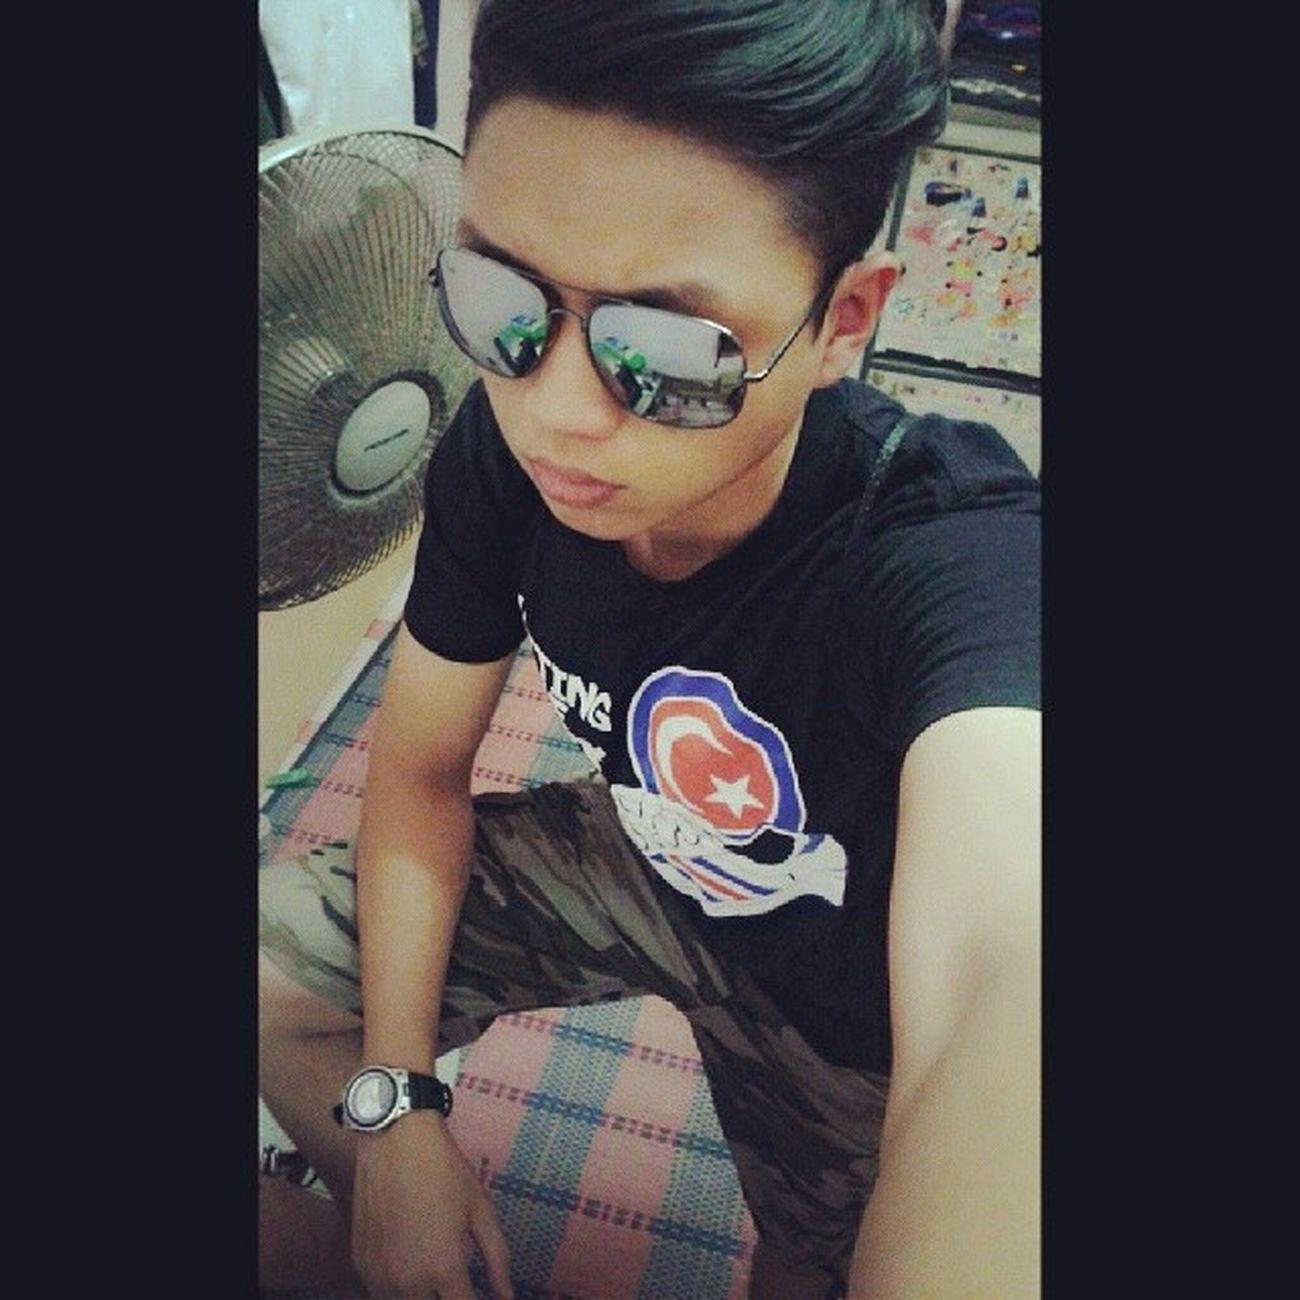 321 Selfie Acahacah Rayban bos celoreng potongkeruk abaibackground bhahaha